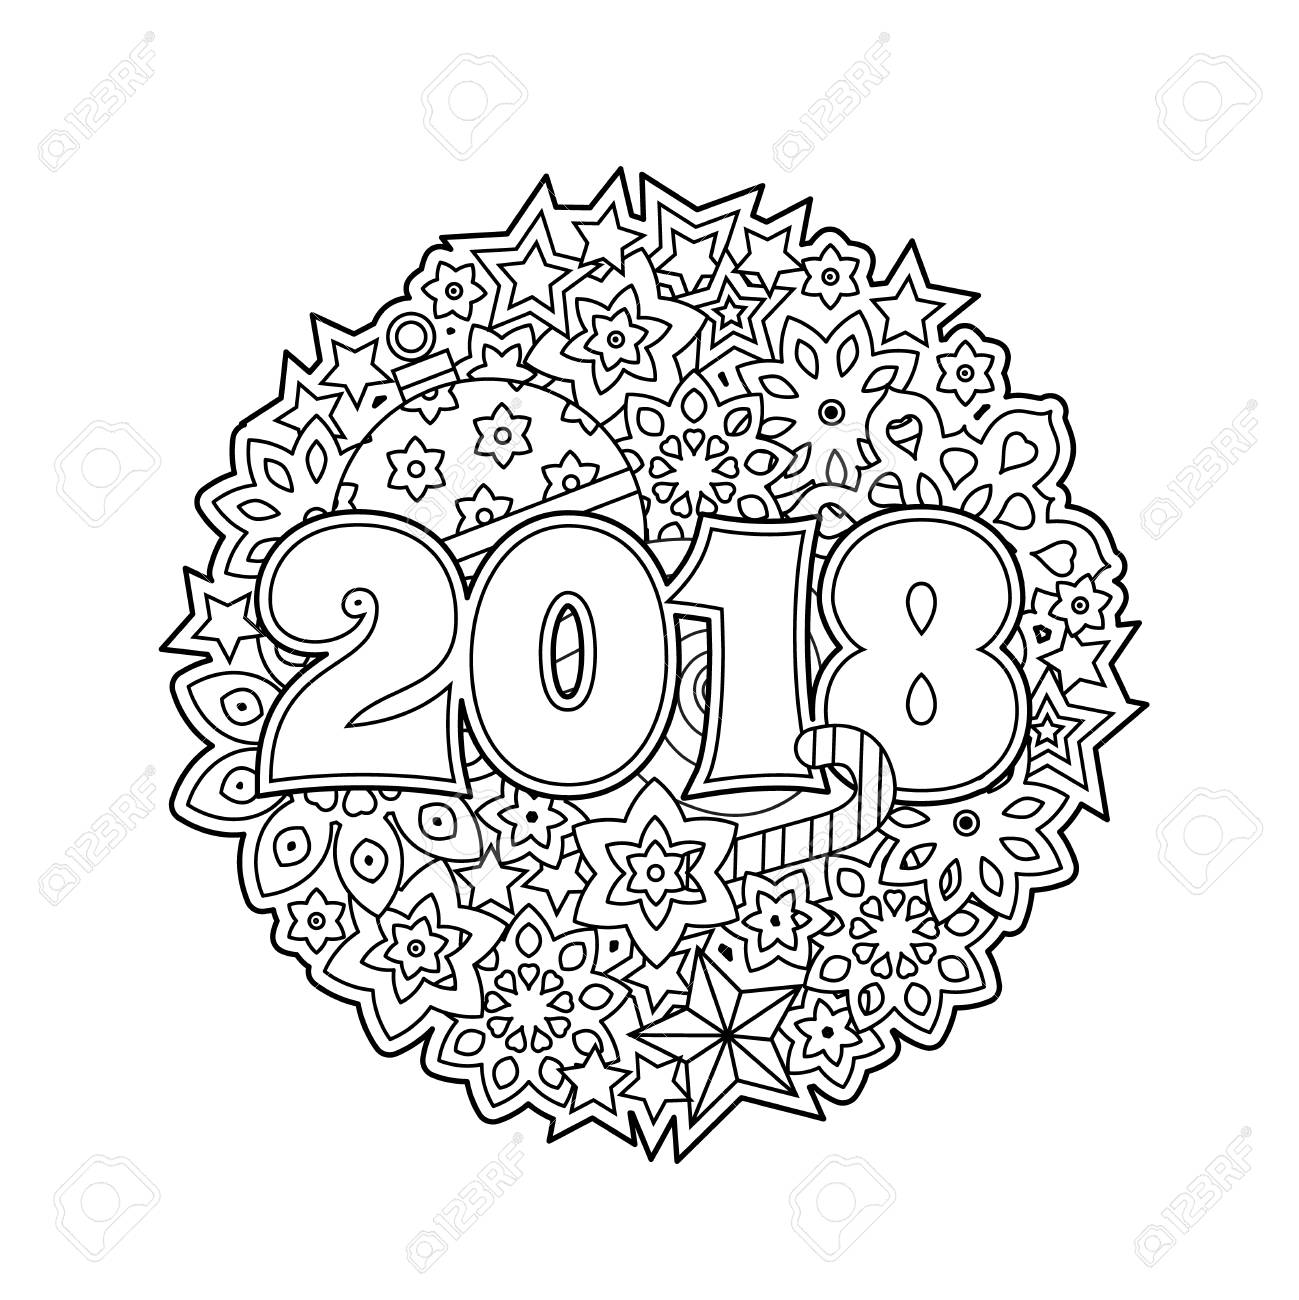 Tarjeta De Felicitación De Año Nuevo Con Números 2018 En Fondo De ...